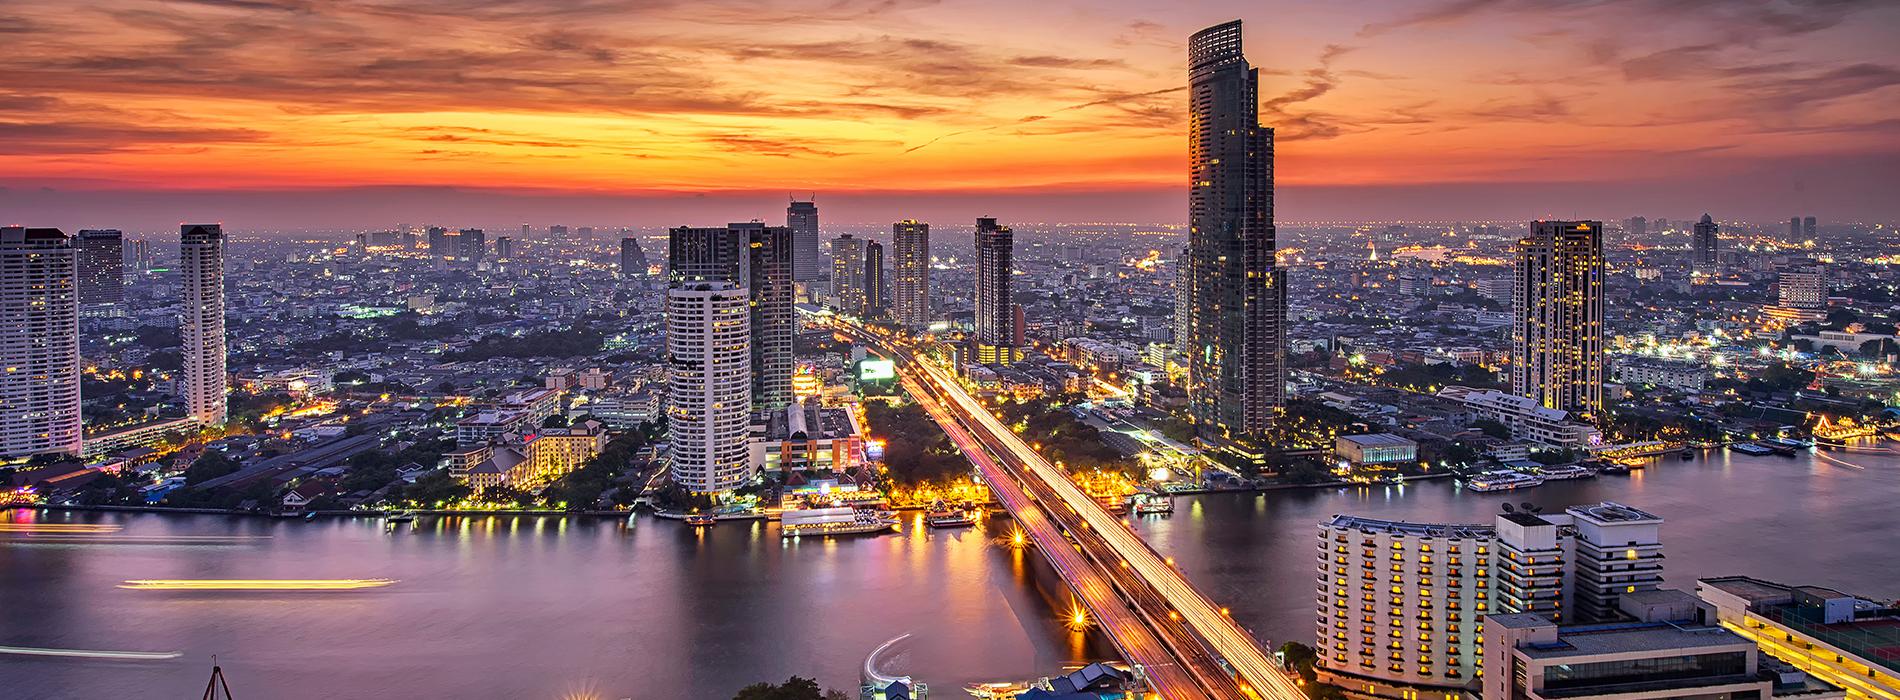 Авиабилеты Братск — Бангкок, купить билеты на самолет туда и обратно, цены и расписание рейсов